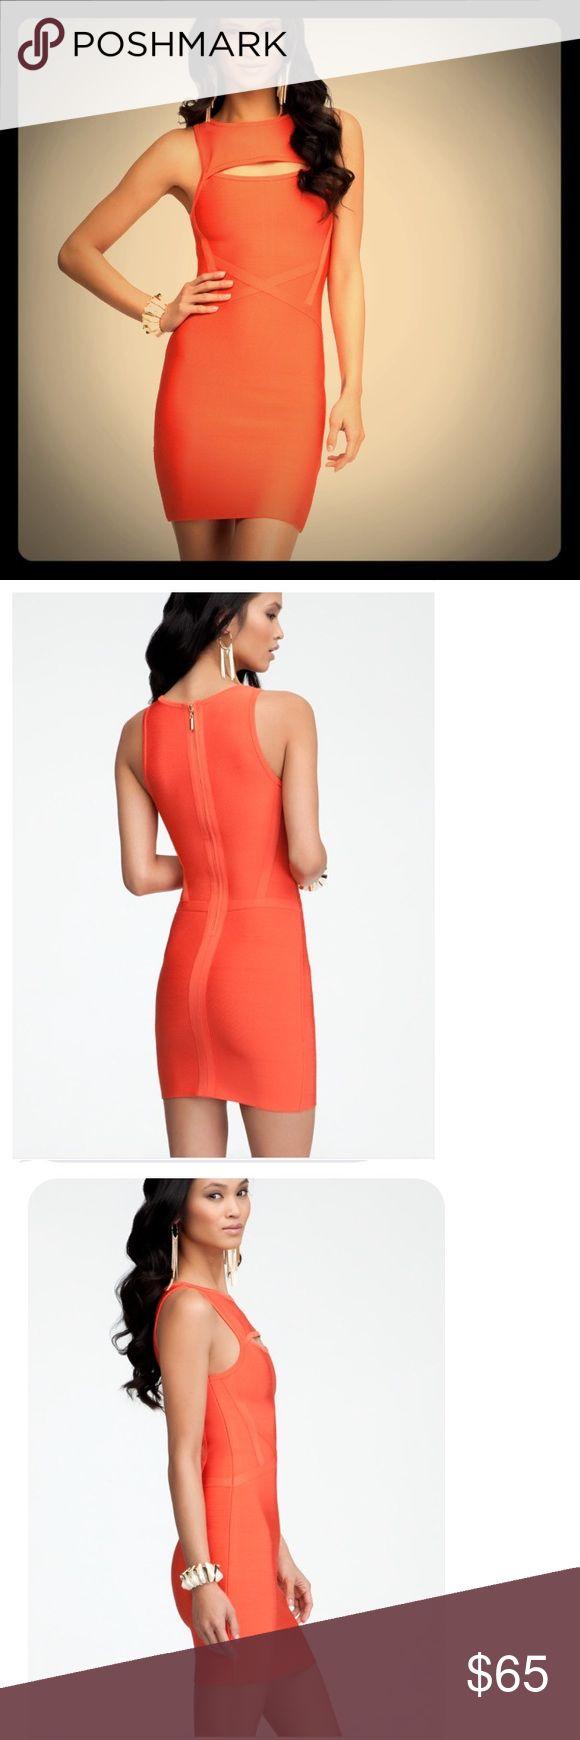 Bebe Bandage Orange Mini Dress Bebe Bandage Orange Mini Dress. Brand new. bebe Dresses Mini